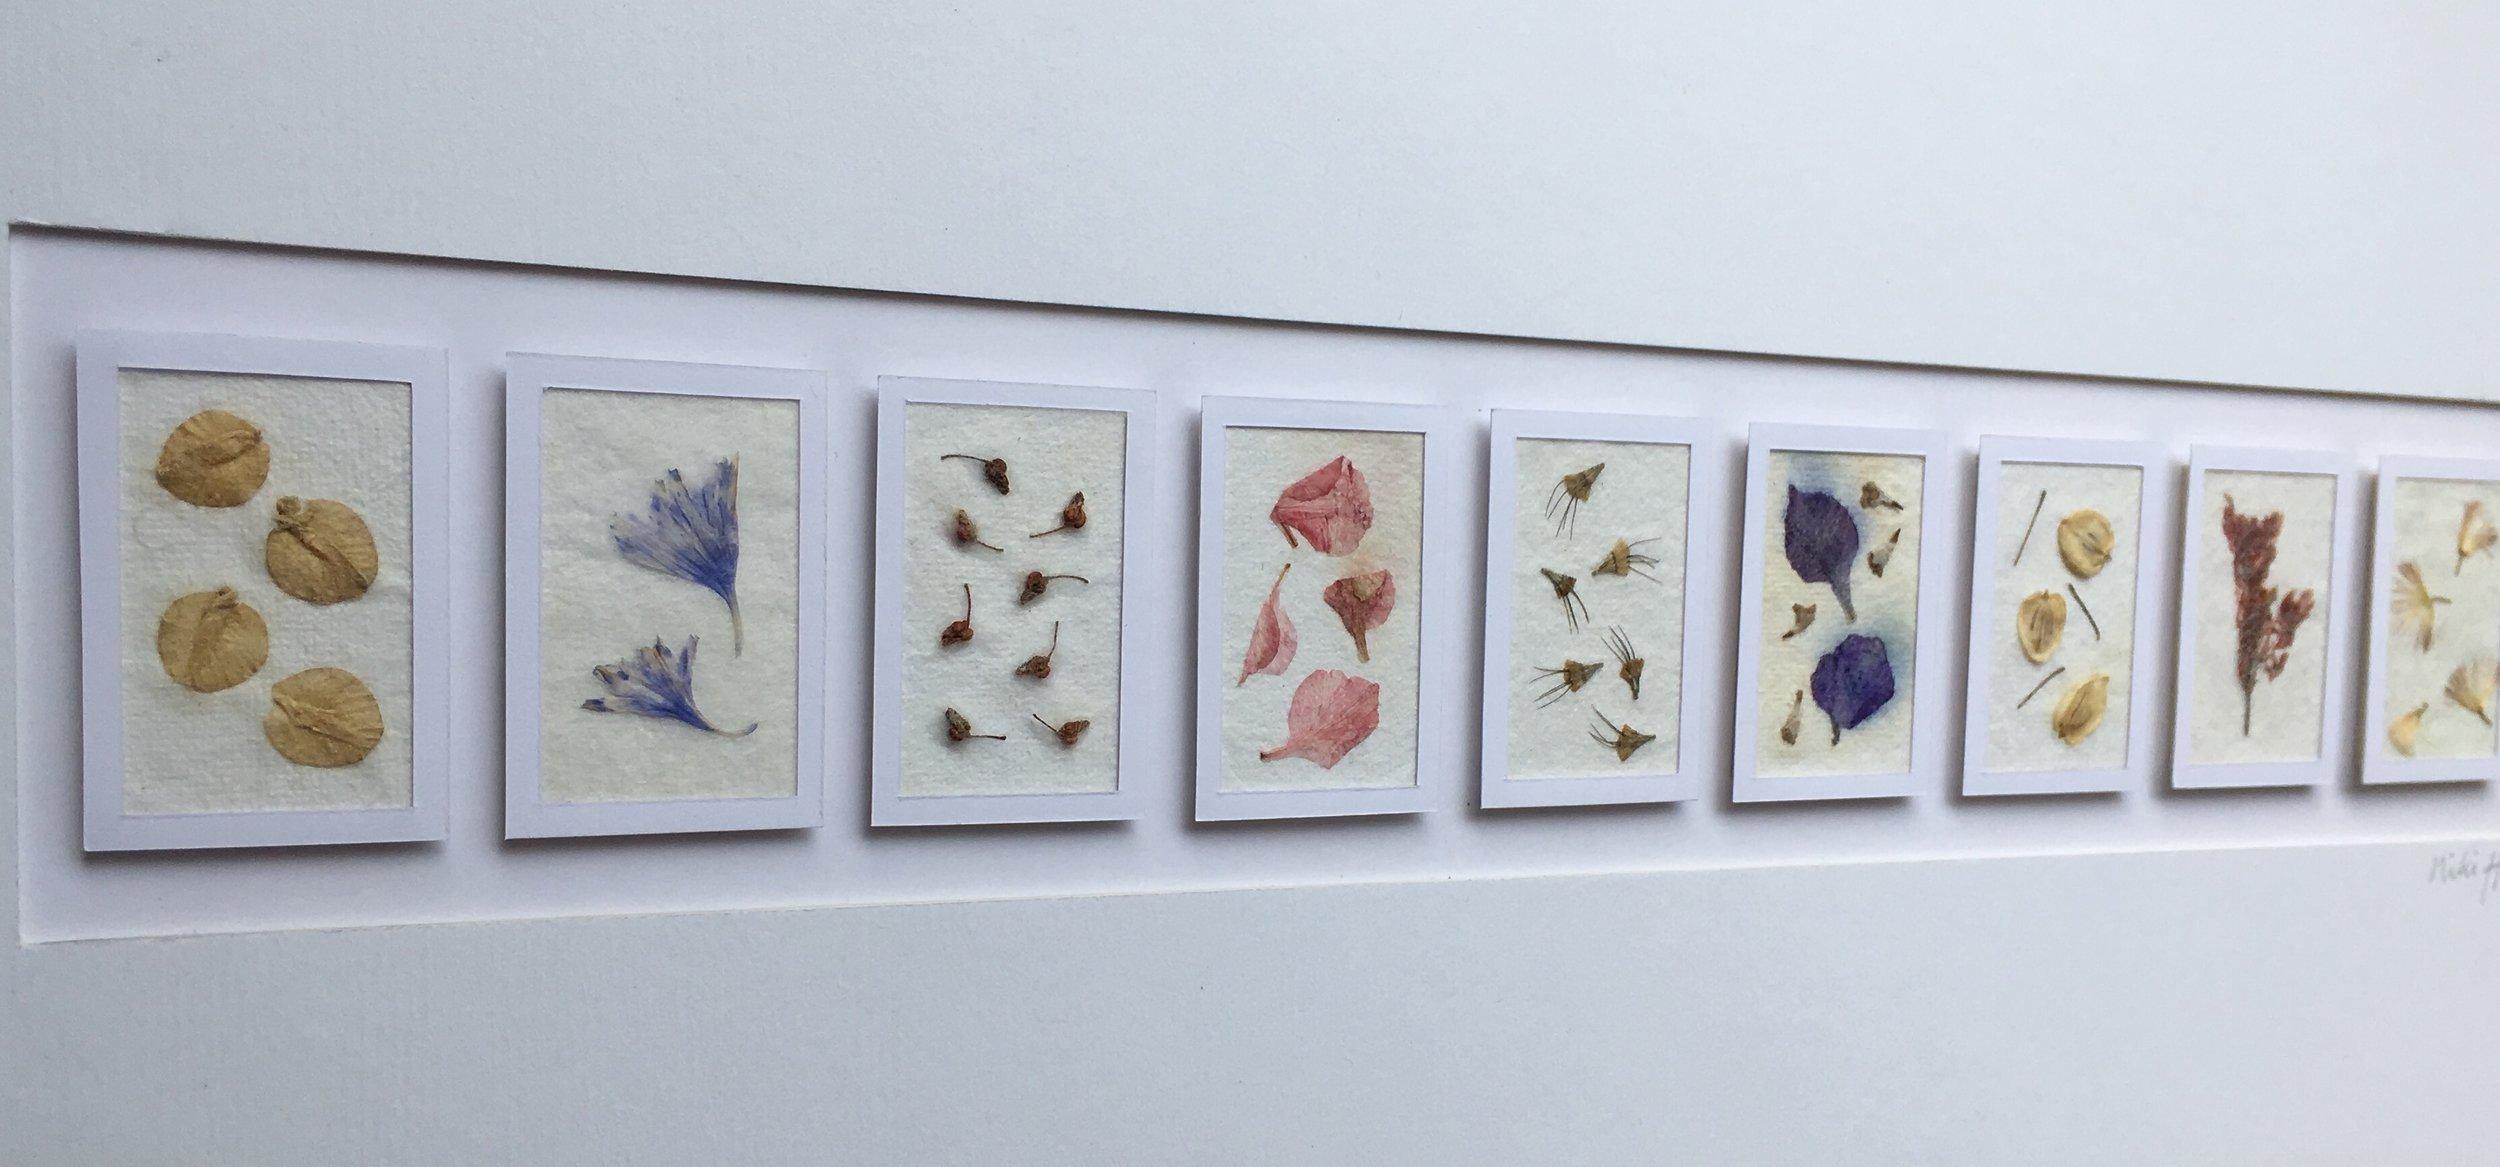 petals & seeds picture.jpg